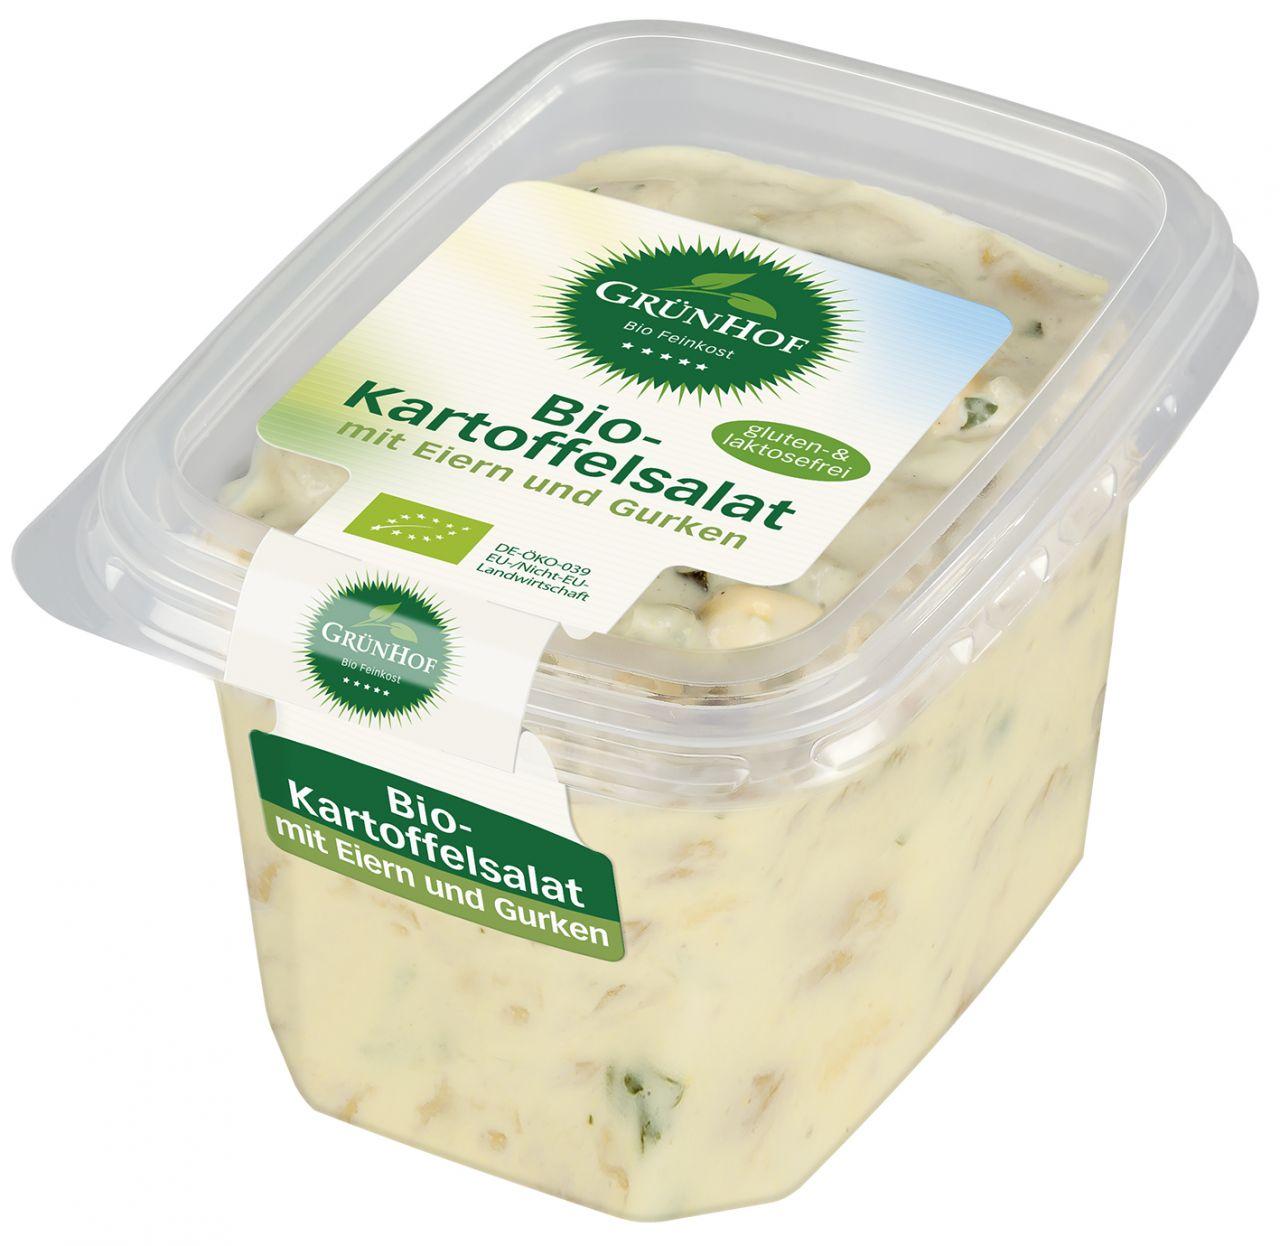 Bio-Kartoffelsalat mit Ei und Gurke